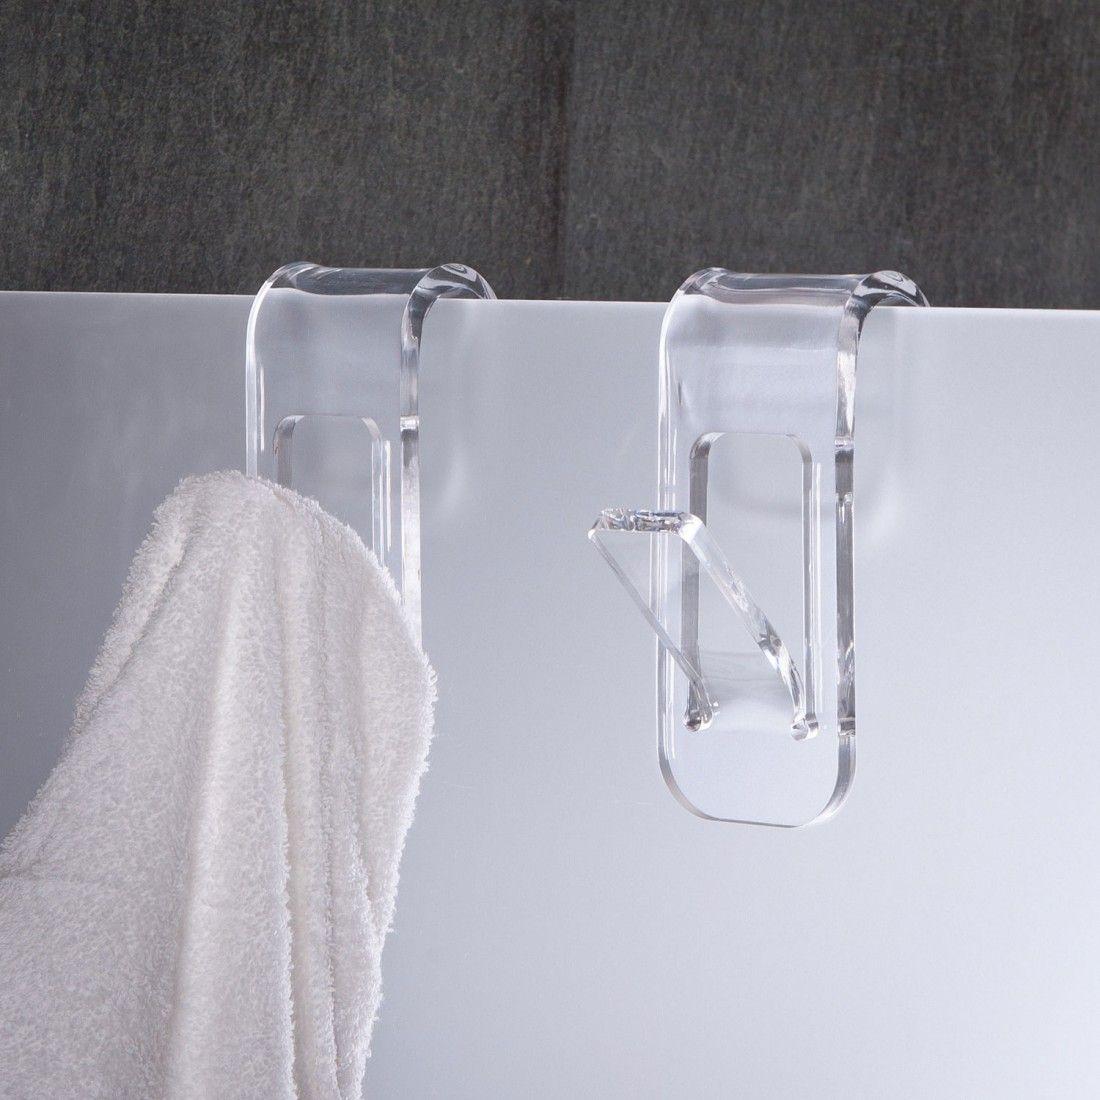 Cabina Doccia Plexiglass.Pin Su Gancio Per Box Doccia E Termoarredo In Plexiglass